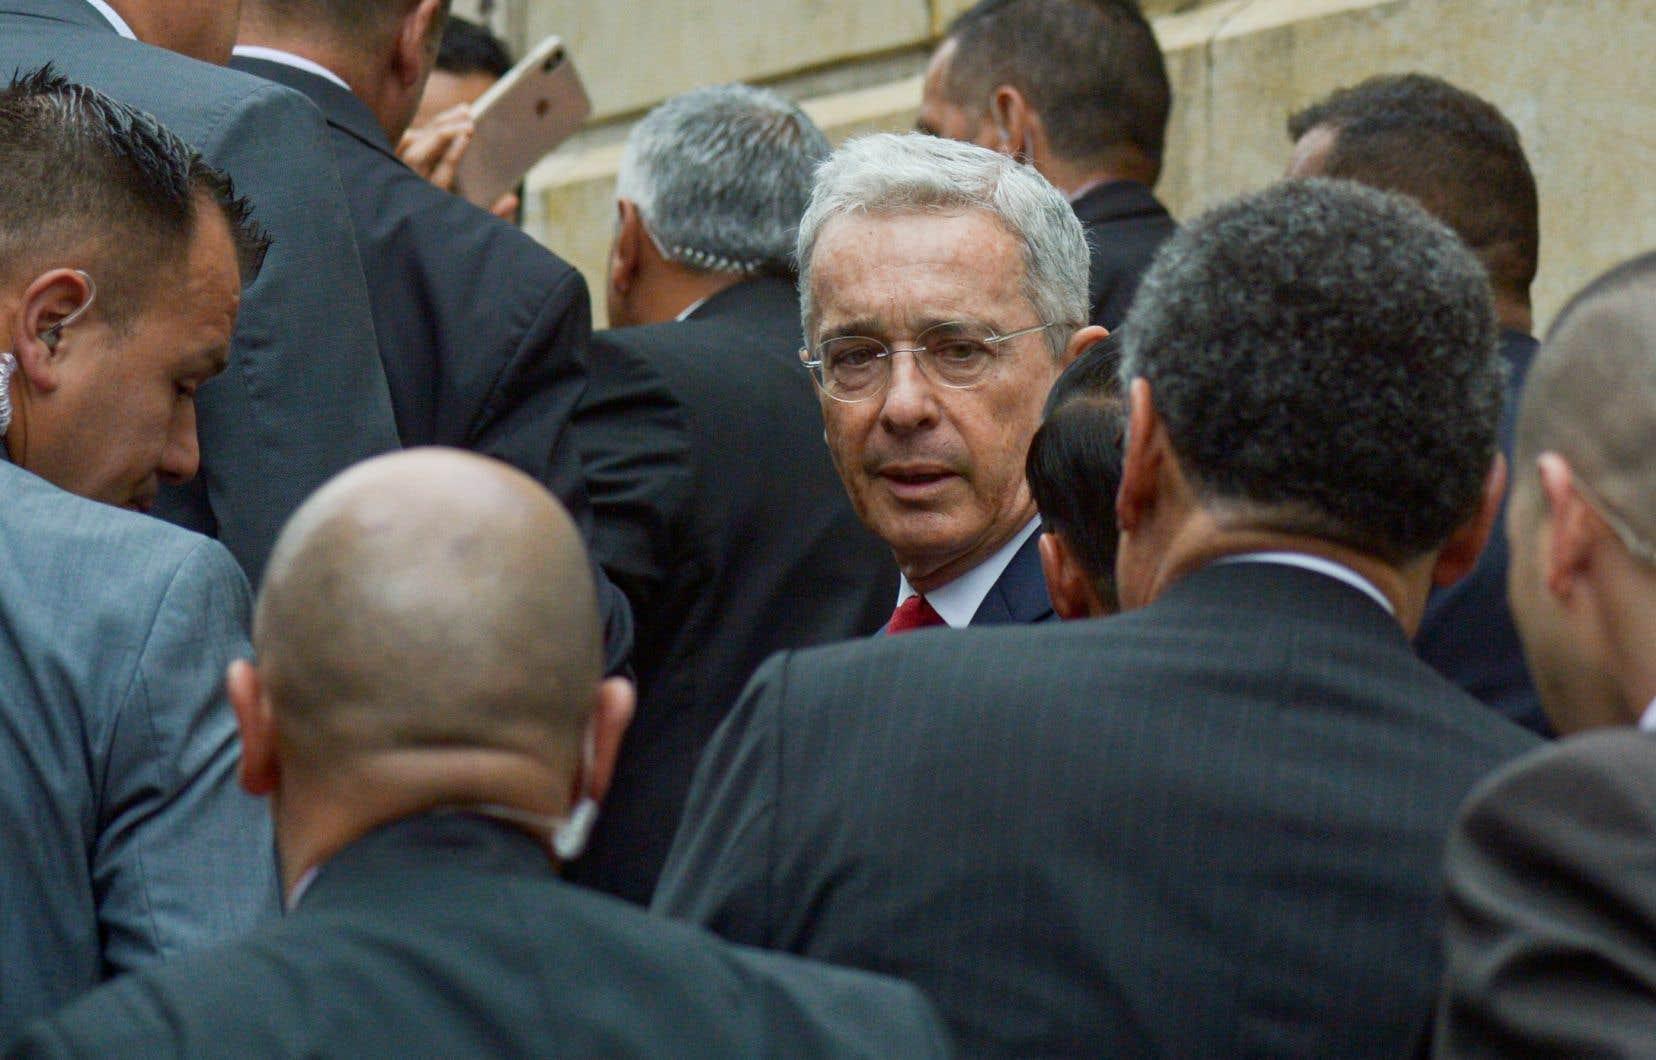 Álvaro Uribe à son arrivée au palais de justice de Bogota en octobre 2019